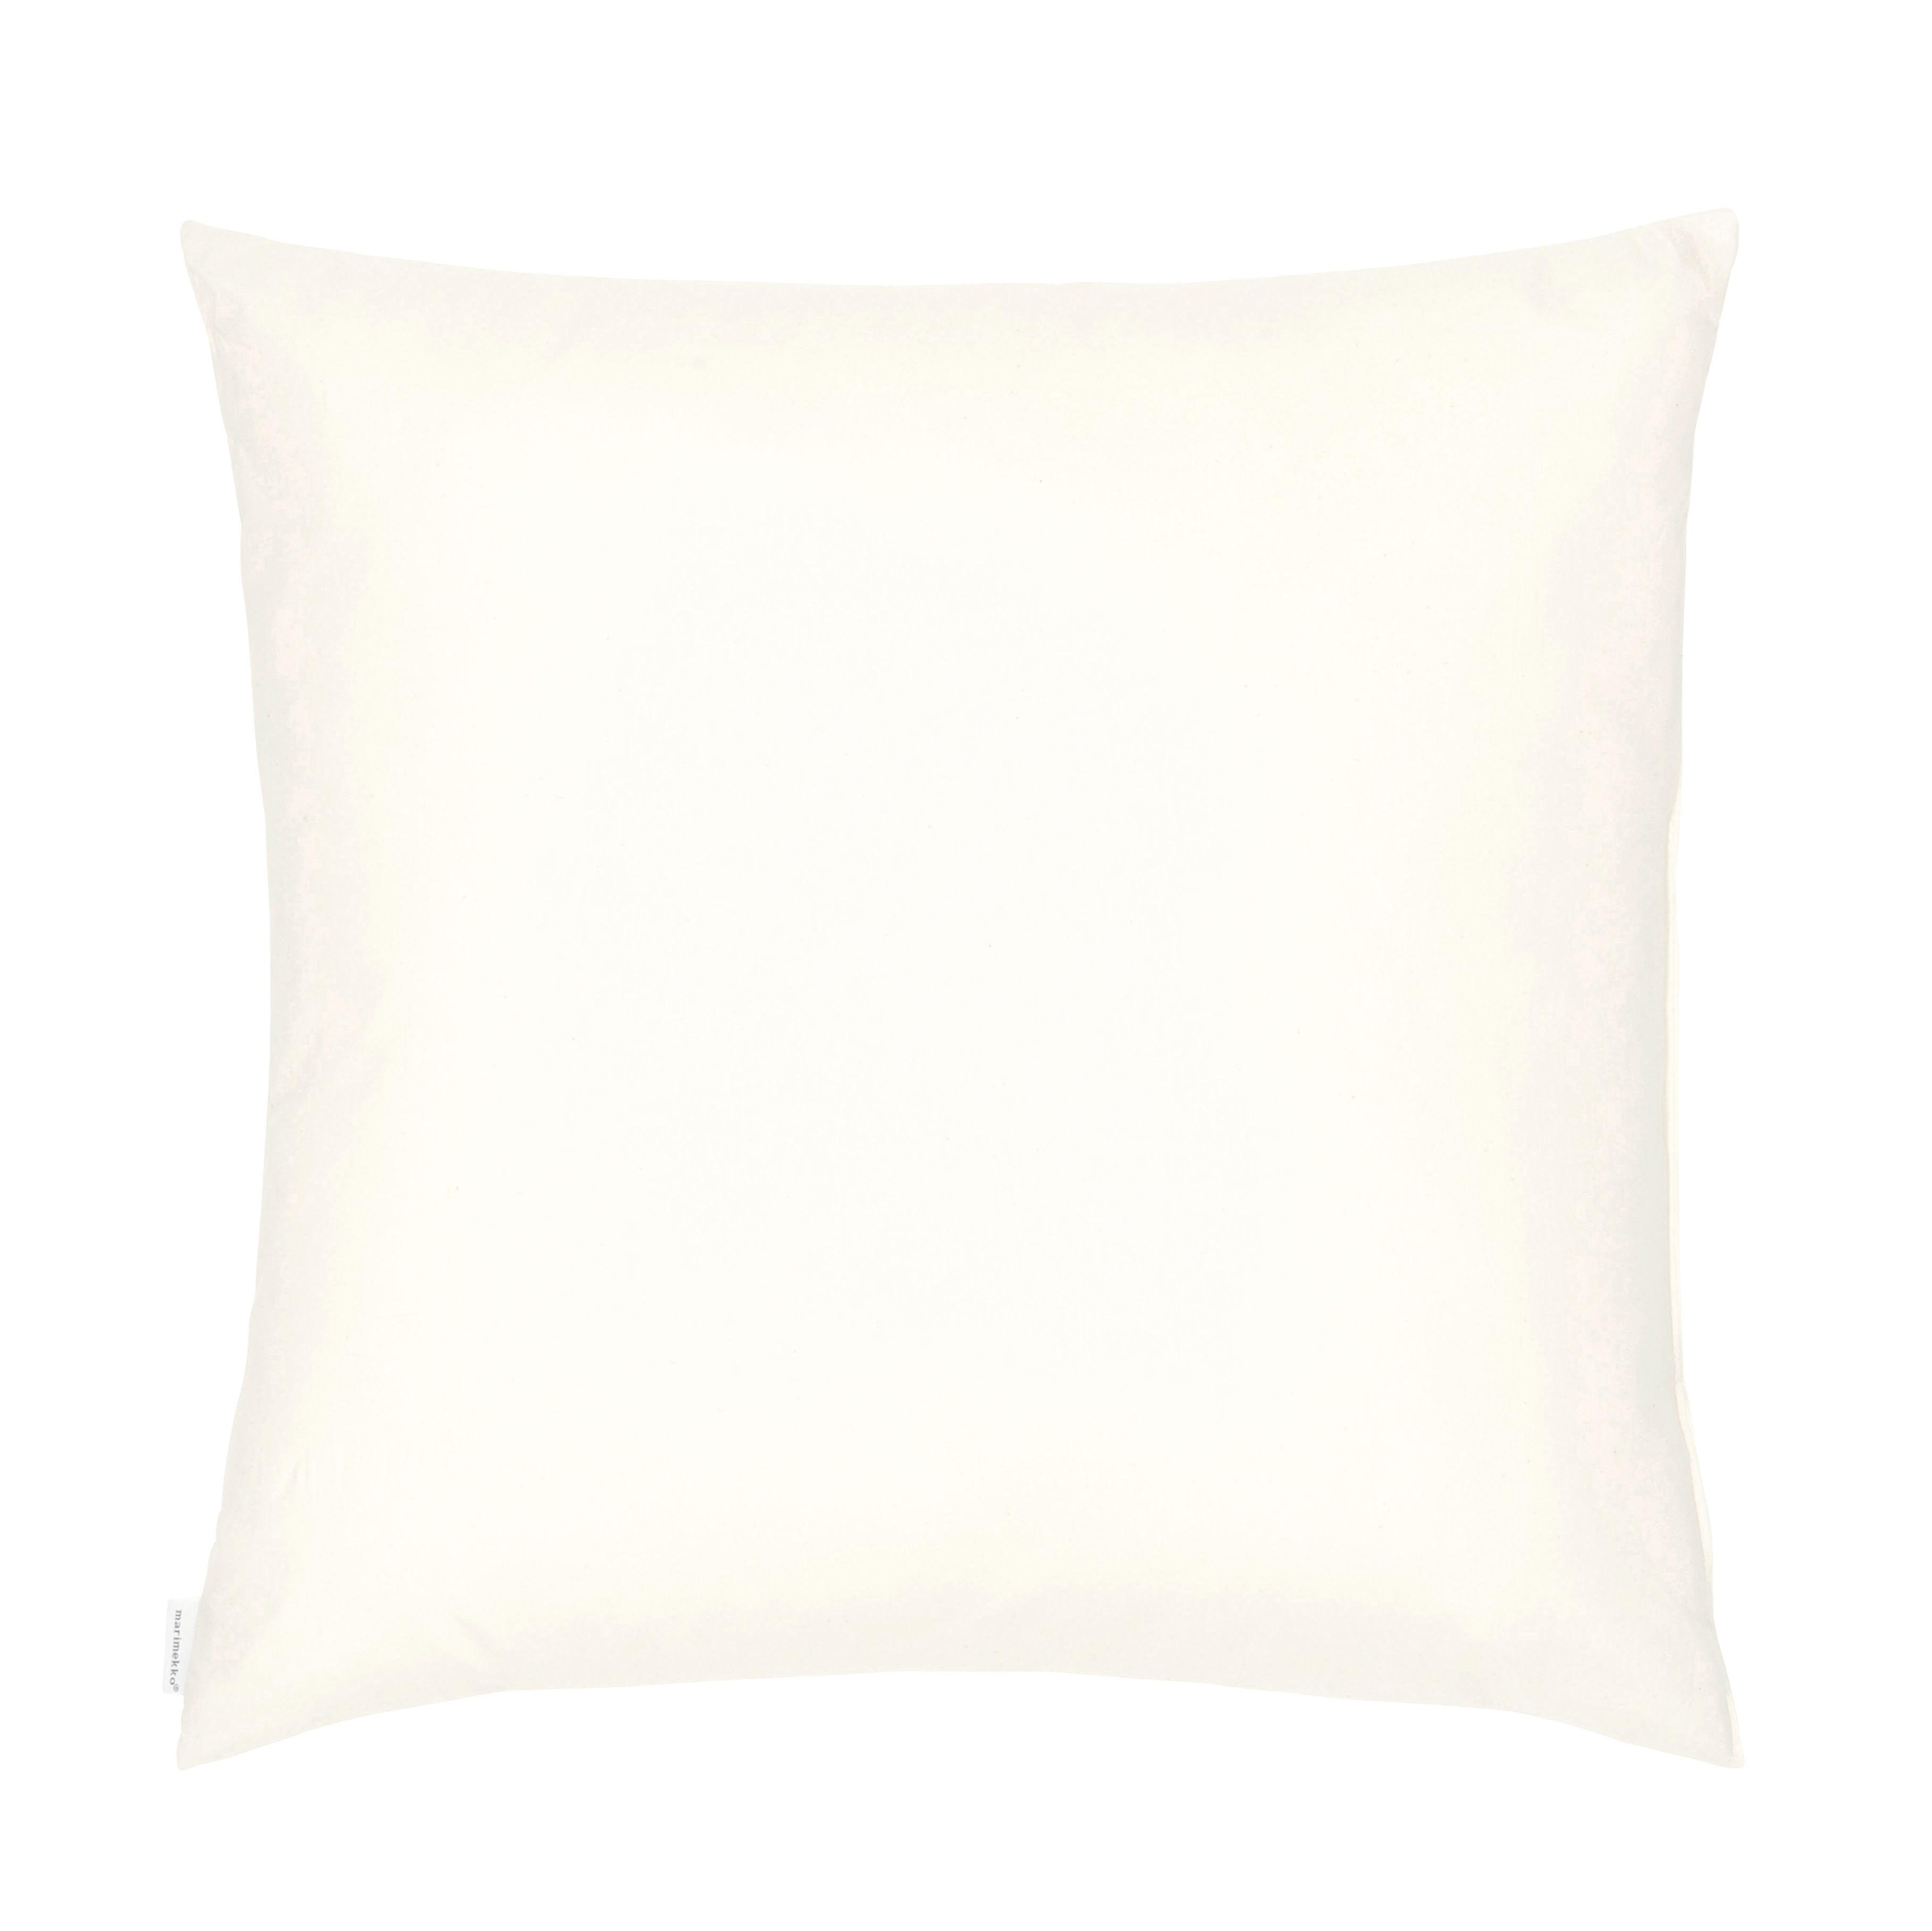 Déco - Coussins - Garnissage pour coussin / 50 x 50 cm - Marimekko - 50 x 50 cm / Blanc - Mousse polyester